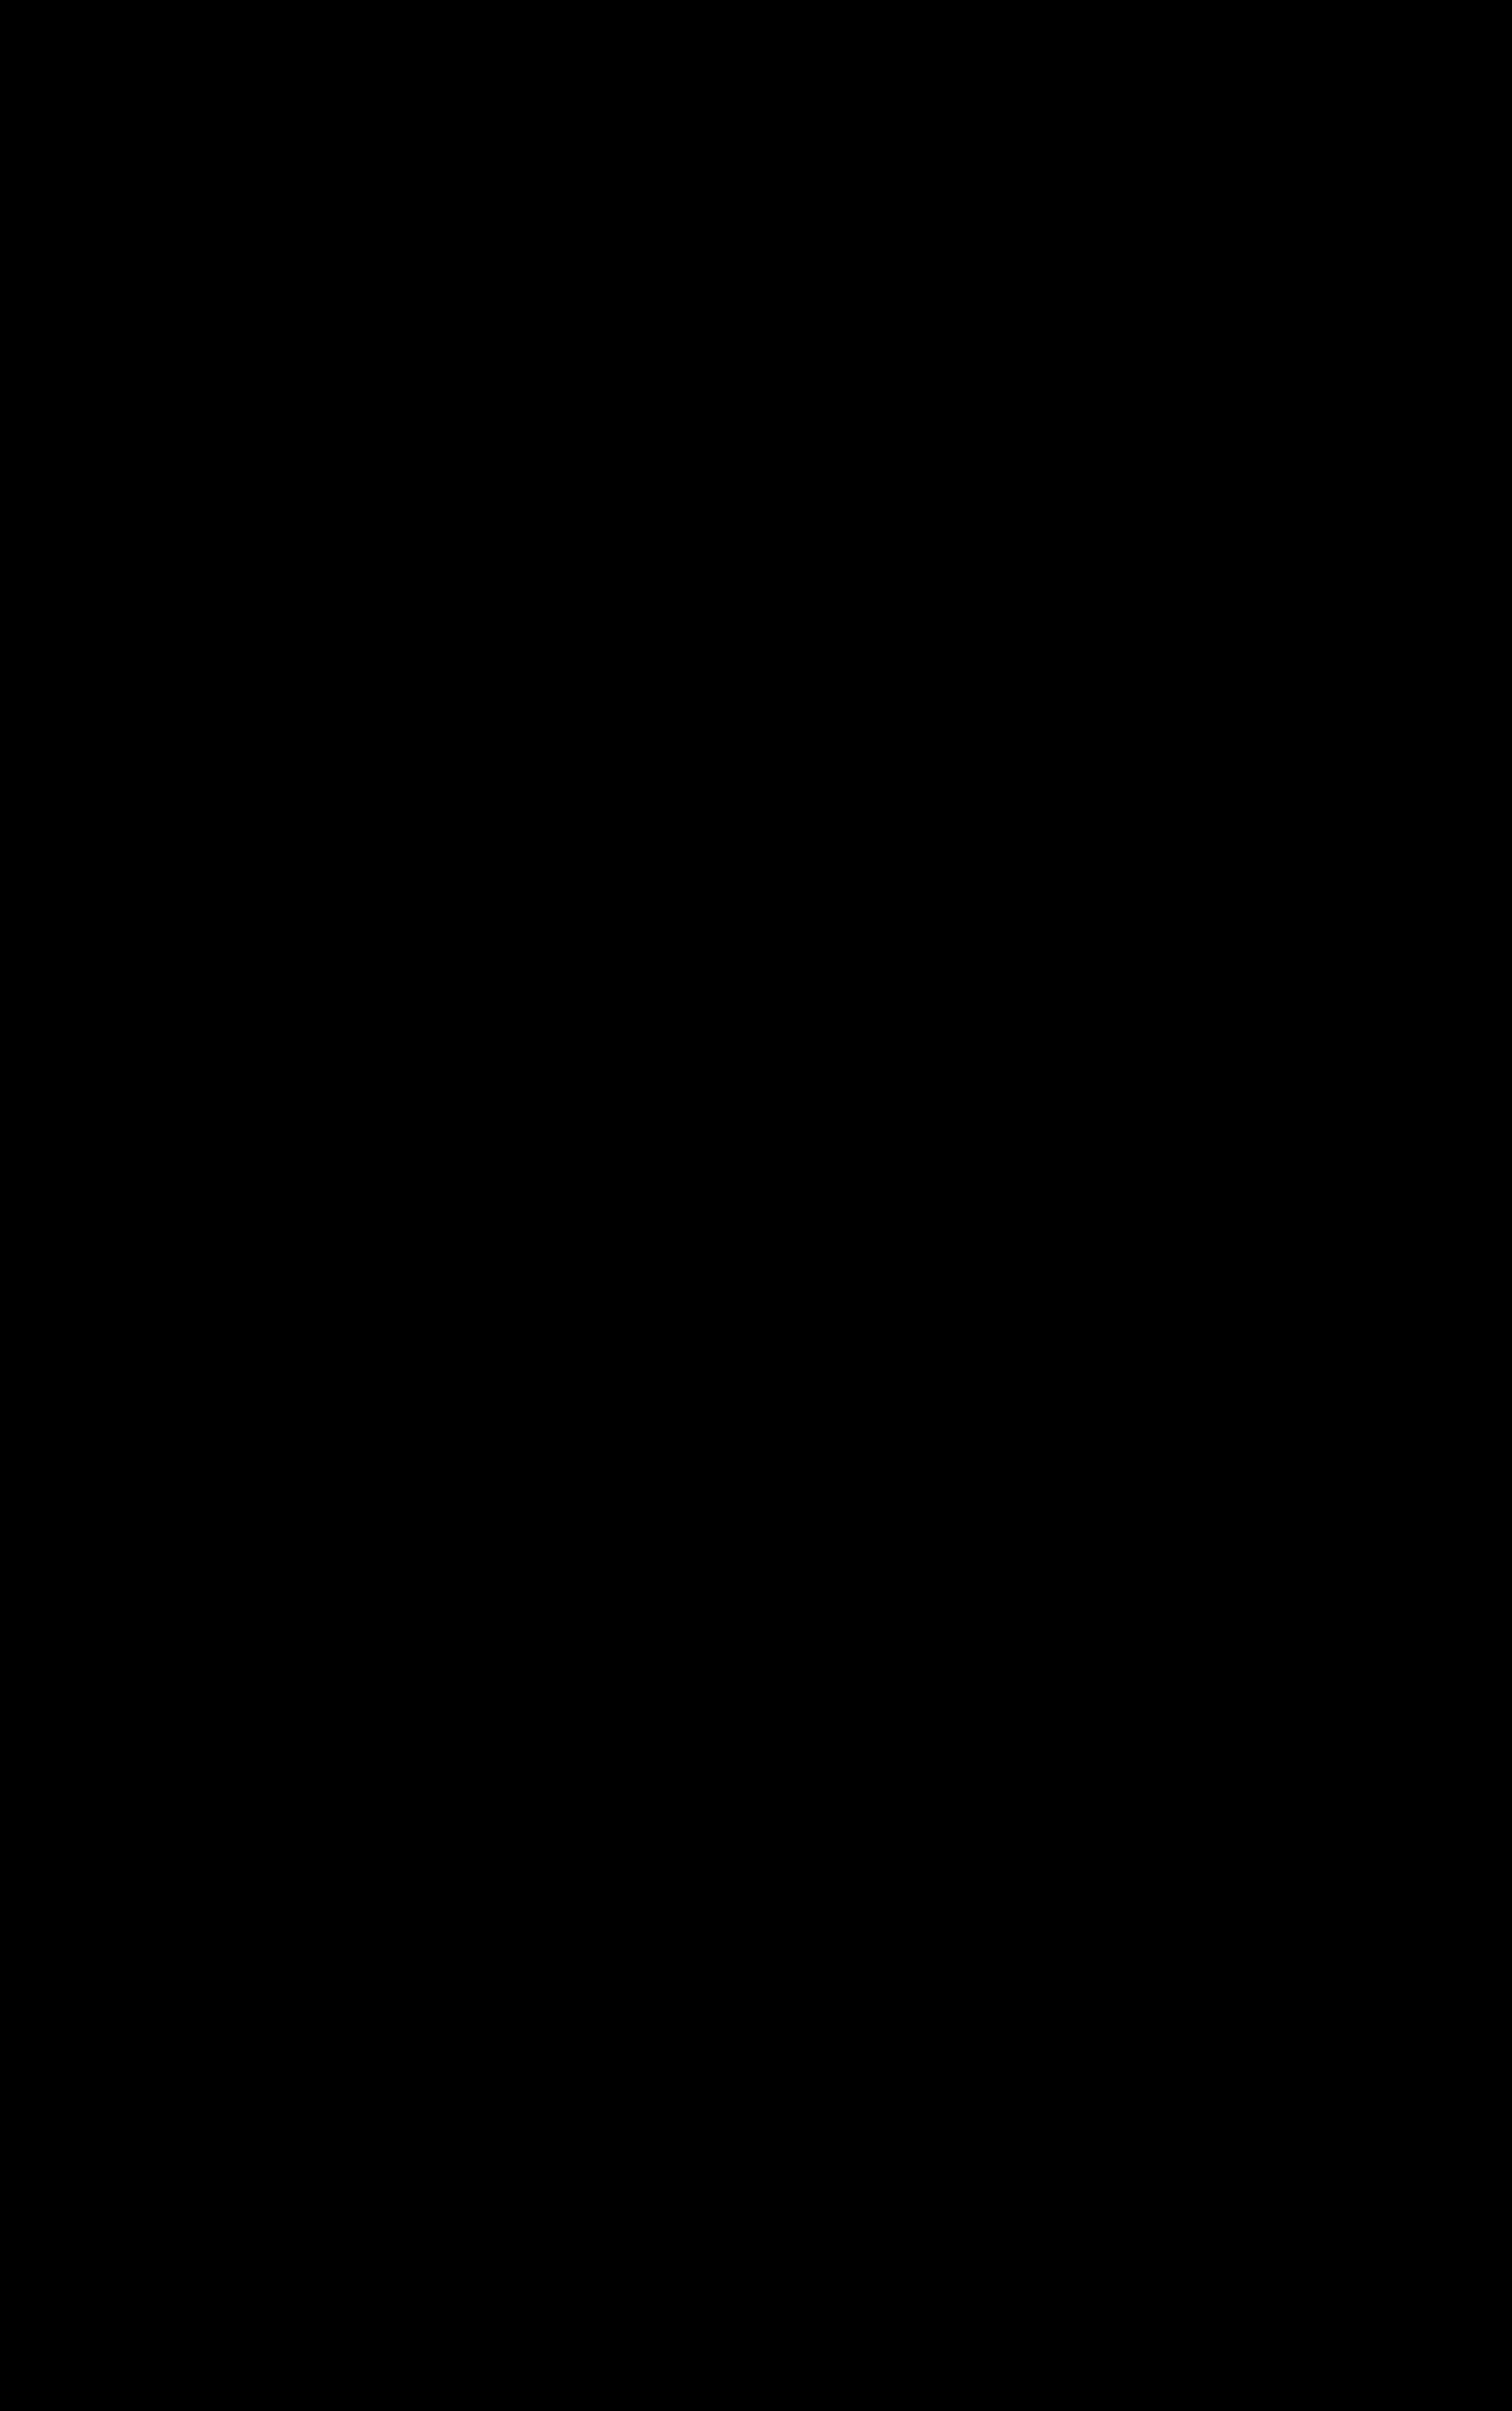 Body blanc en coton à encolure ronde boutonnée 6